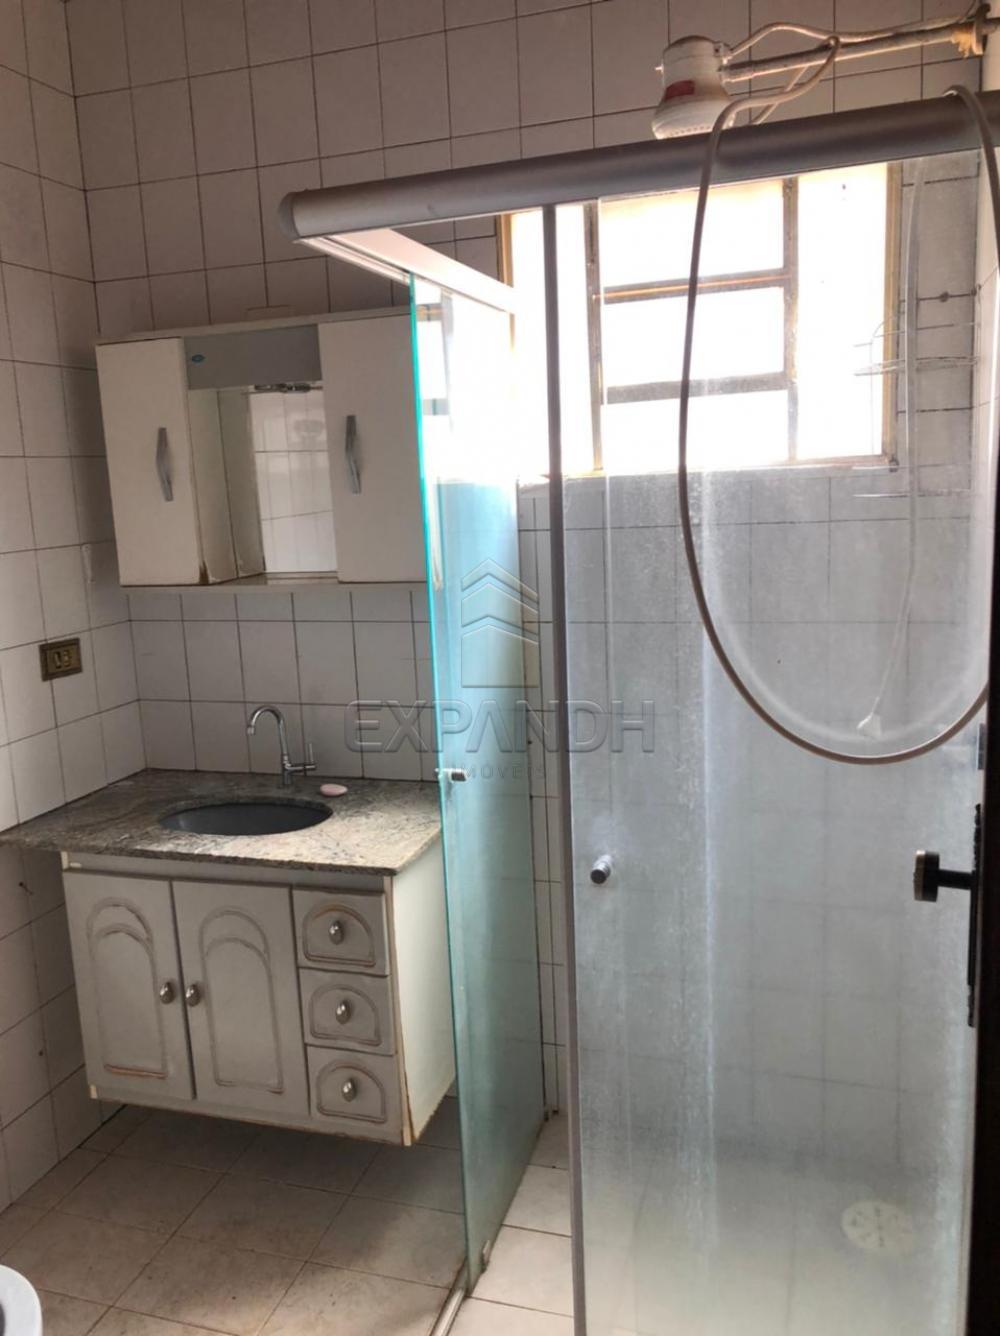 Alugar Casas / Padrão em Sertãozinho R$ 1.100,00 - Foto 20